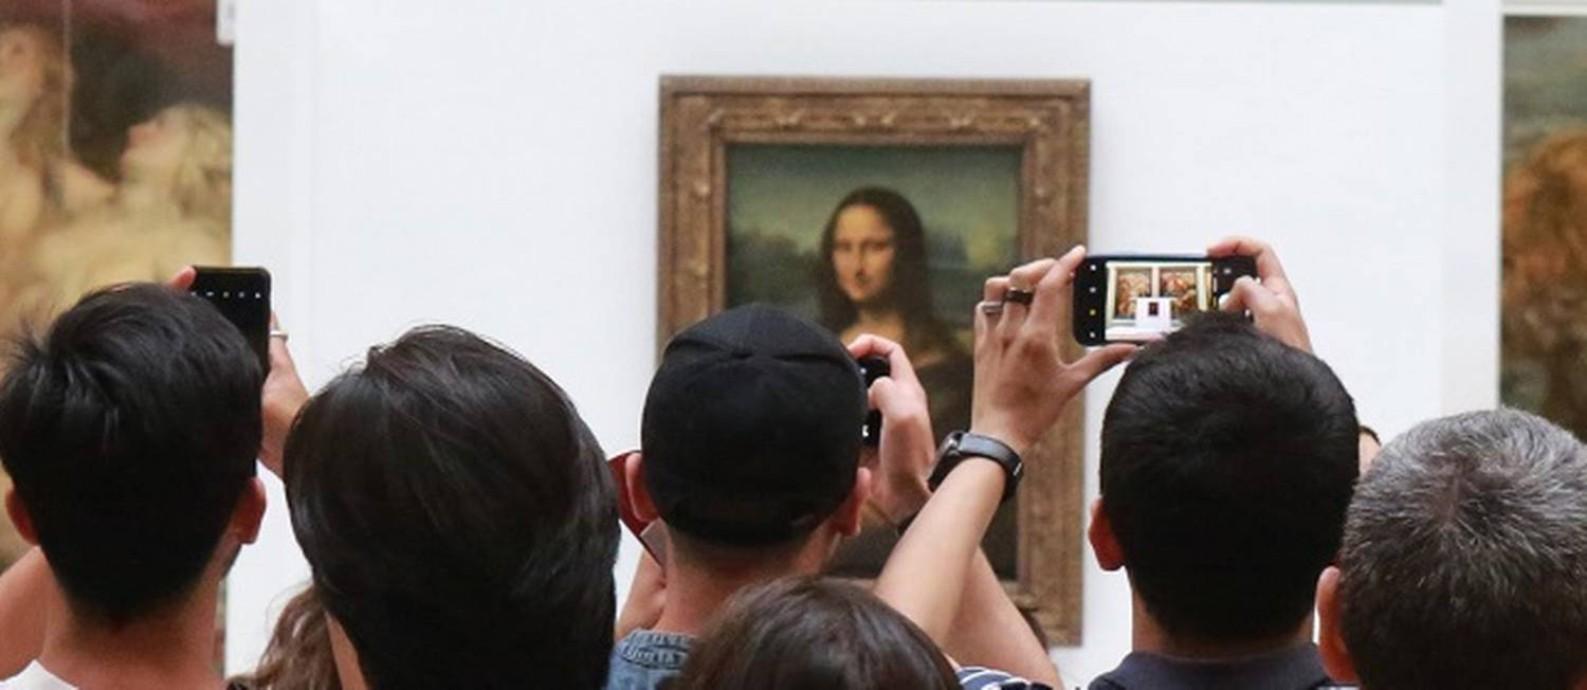 """Visitantes se avolumam em frente ao quadro """"Mona Lisa"""", de Leonardo da Vinci, na Galeria Medici, sala do Museu do Louvre onde a obra está temporariamente Foto: Owen Franken / The New York Times"""